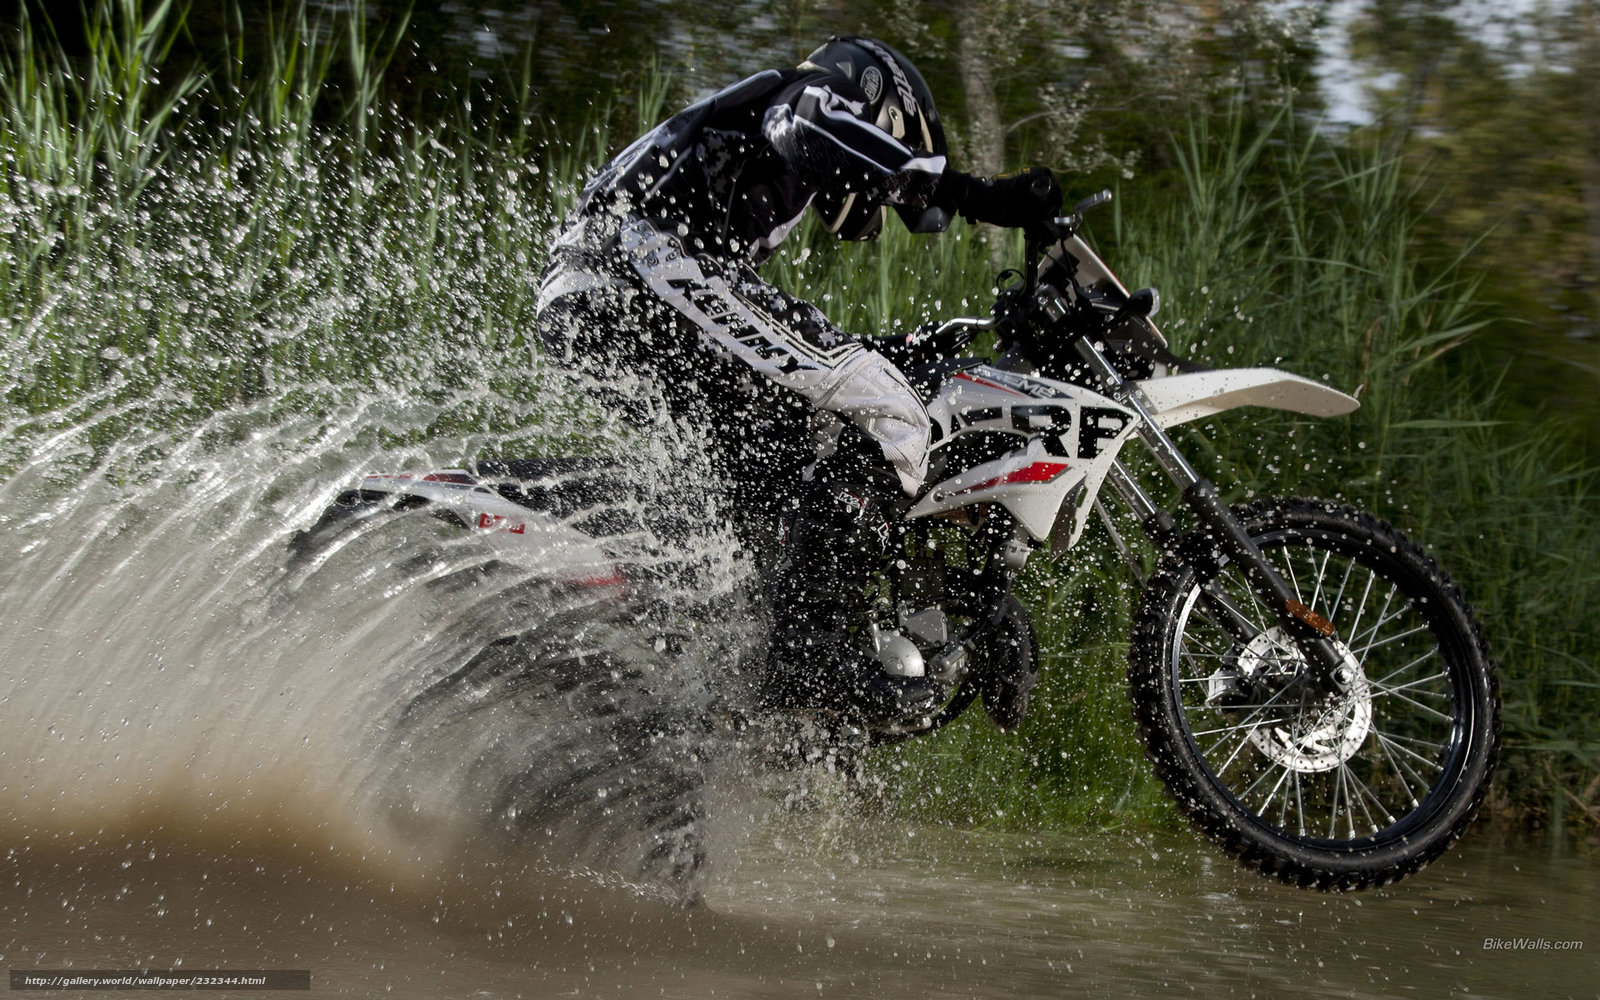 Download wallpaper Derbi Off Road DRD Racing DRD Racing 2011 1600x1000